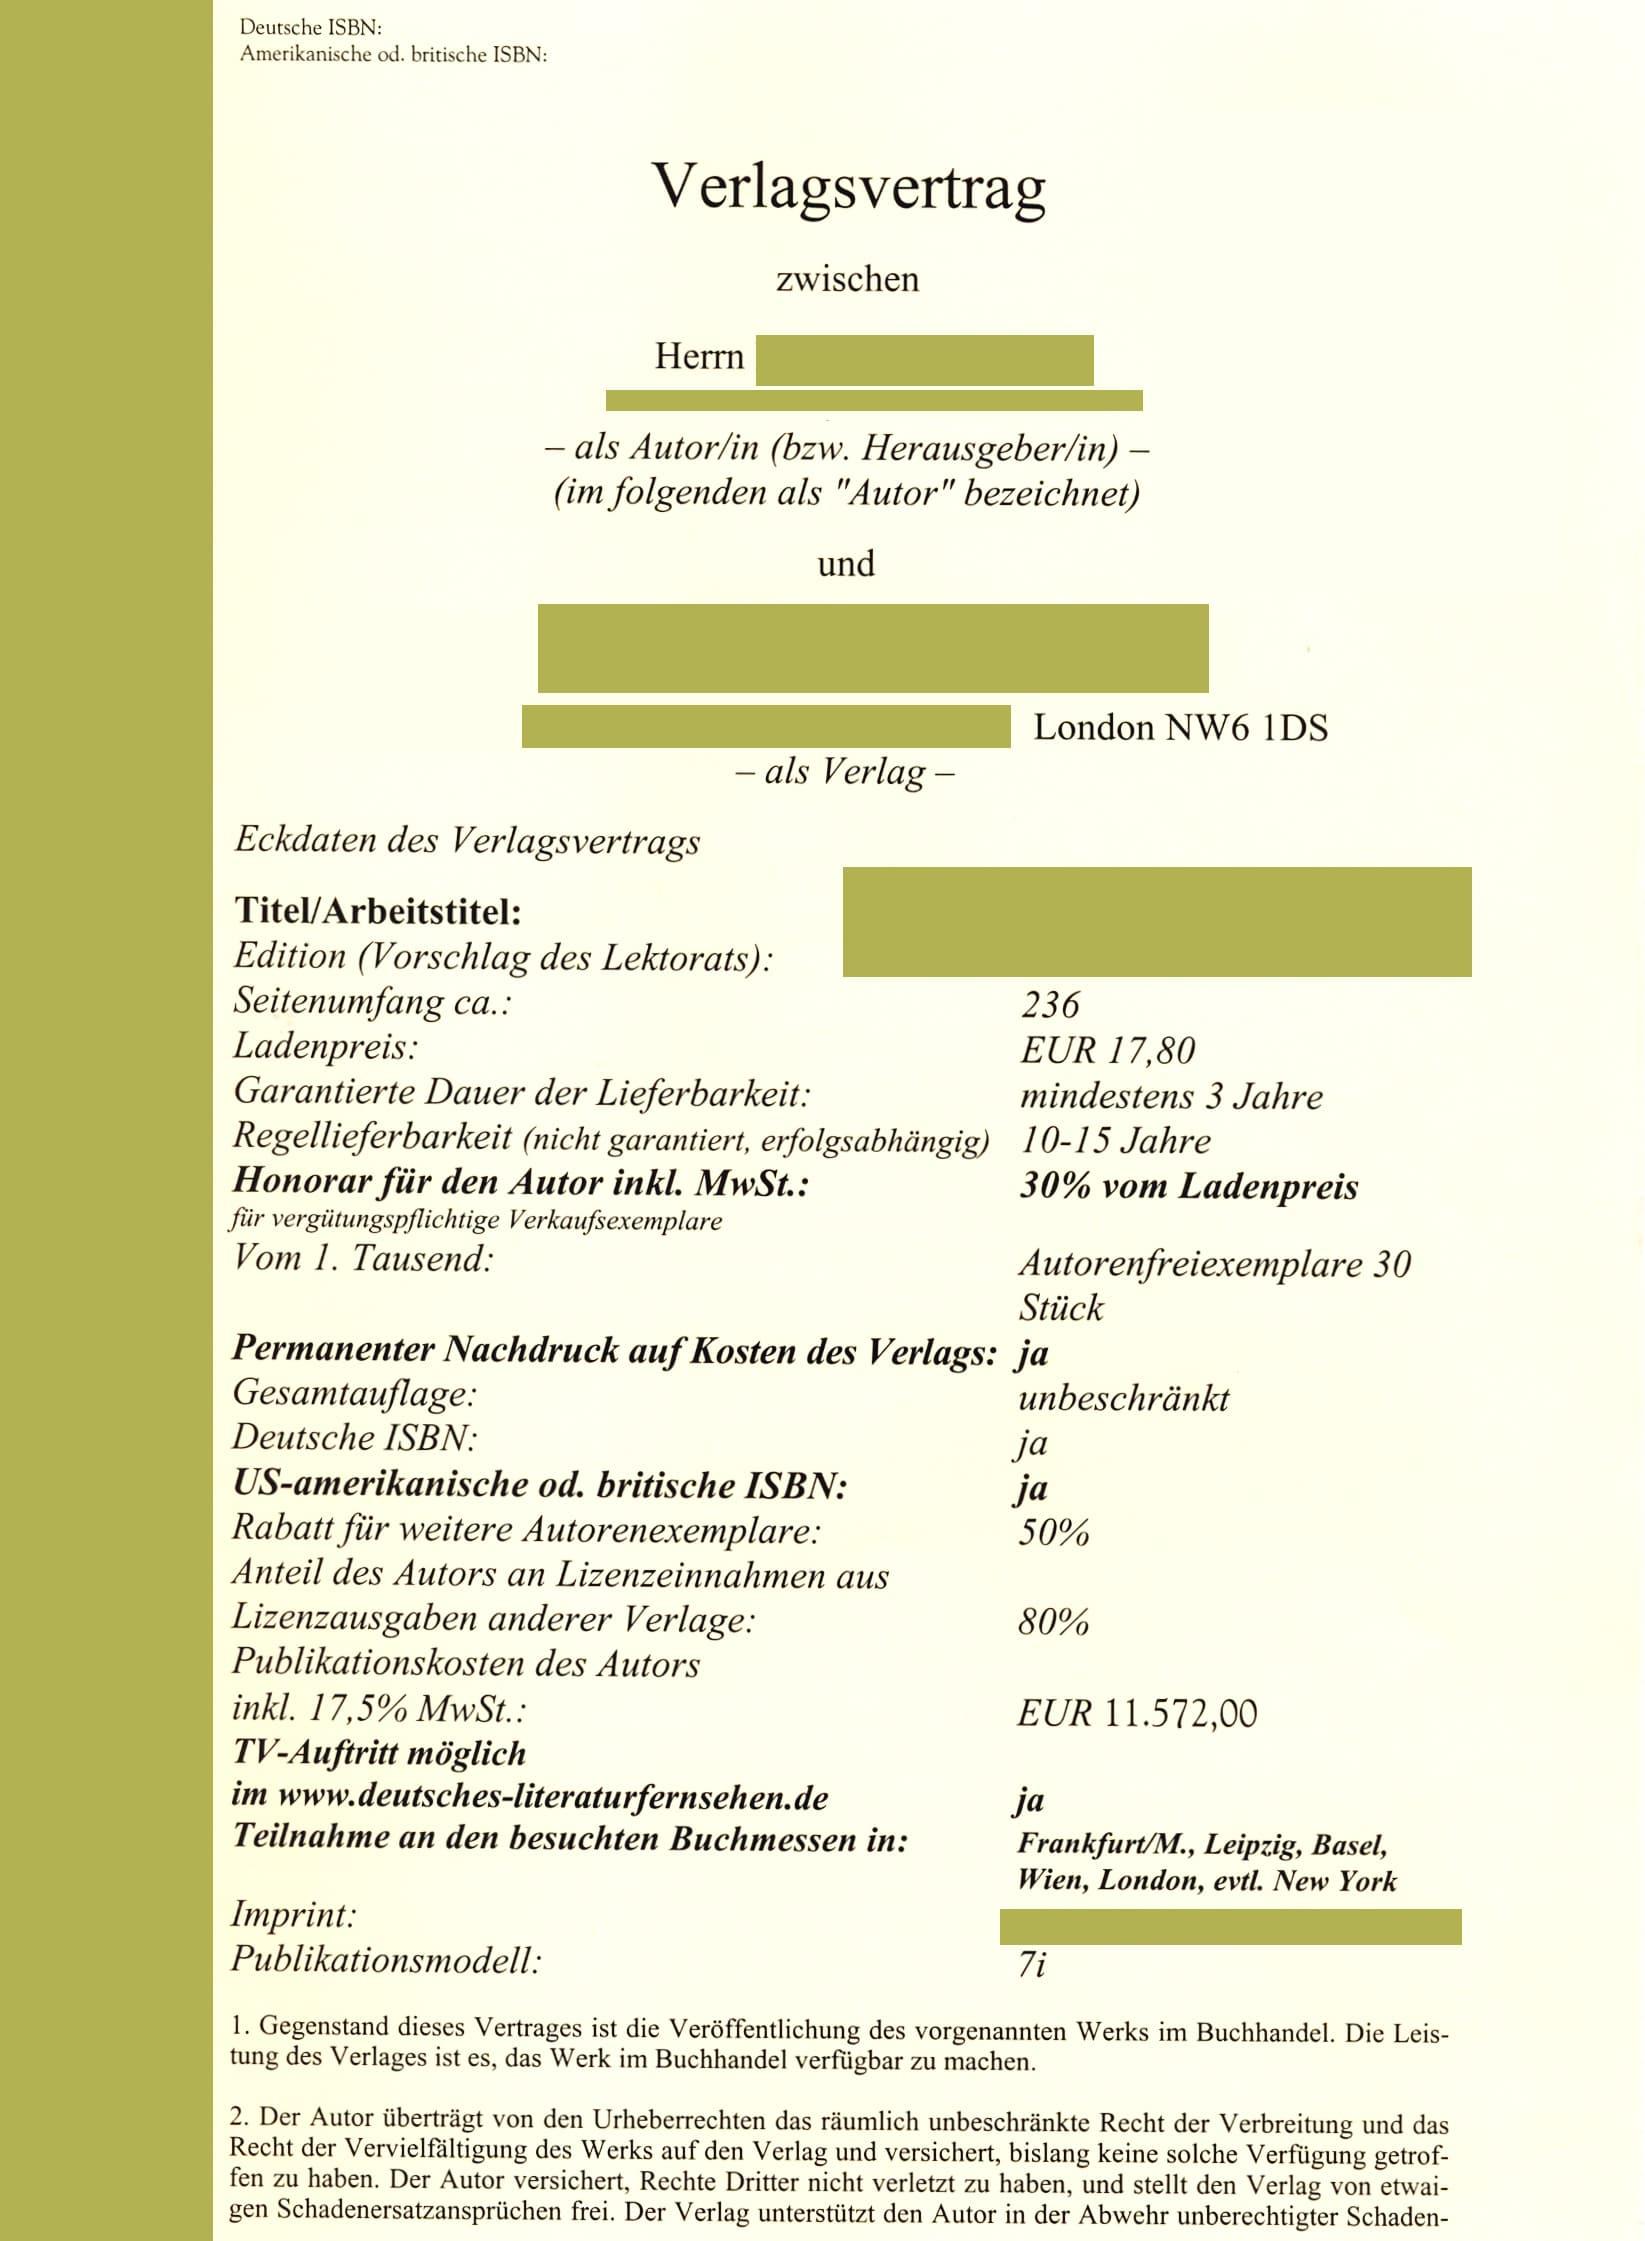 Der Schlechte Ruf Der Zuschussverlage Nr 2 Edition Blaes